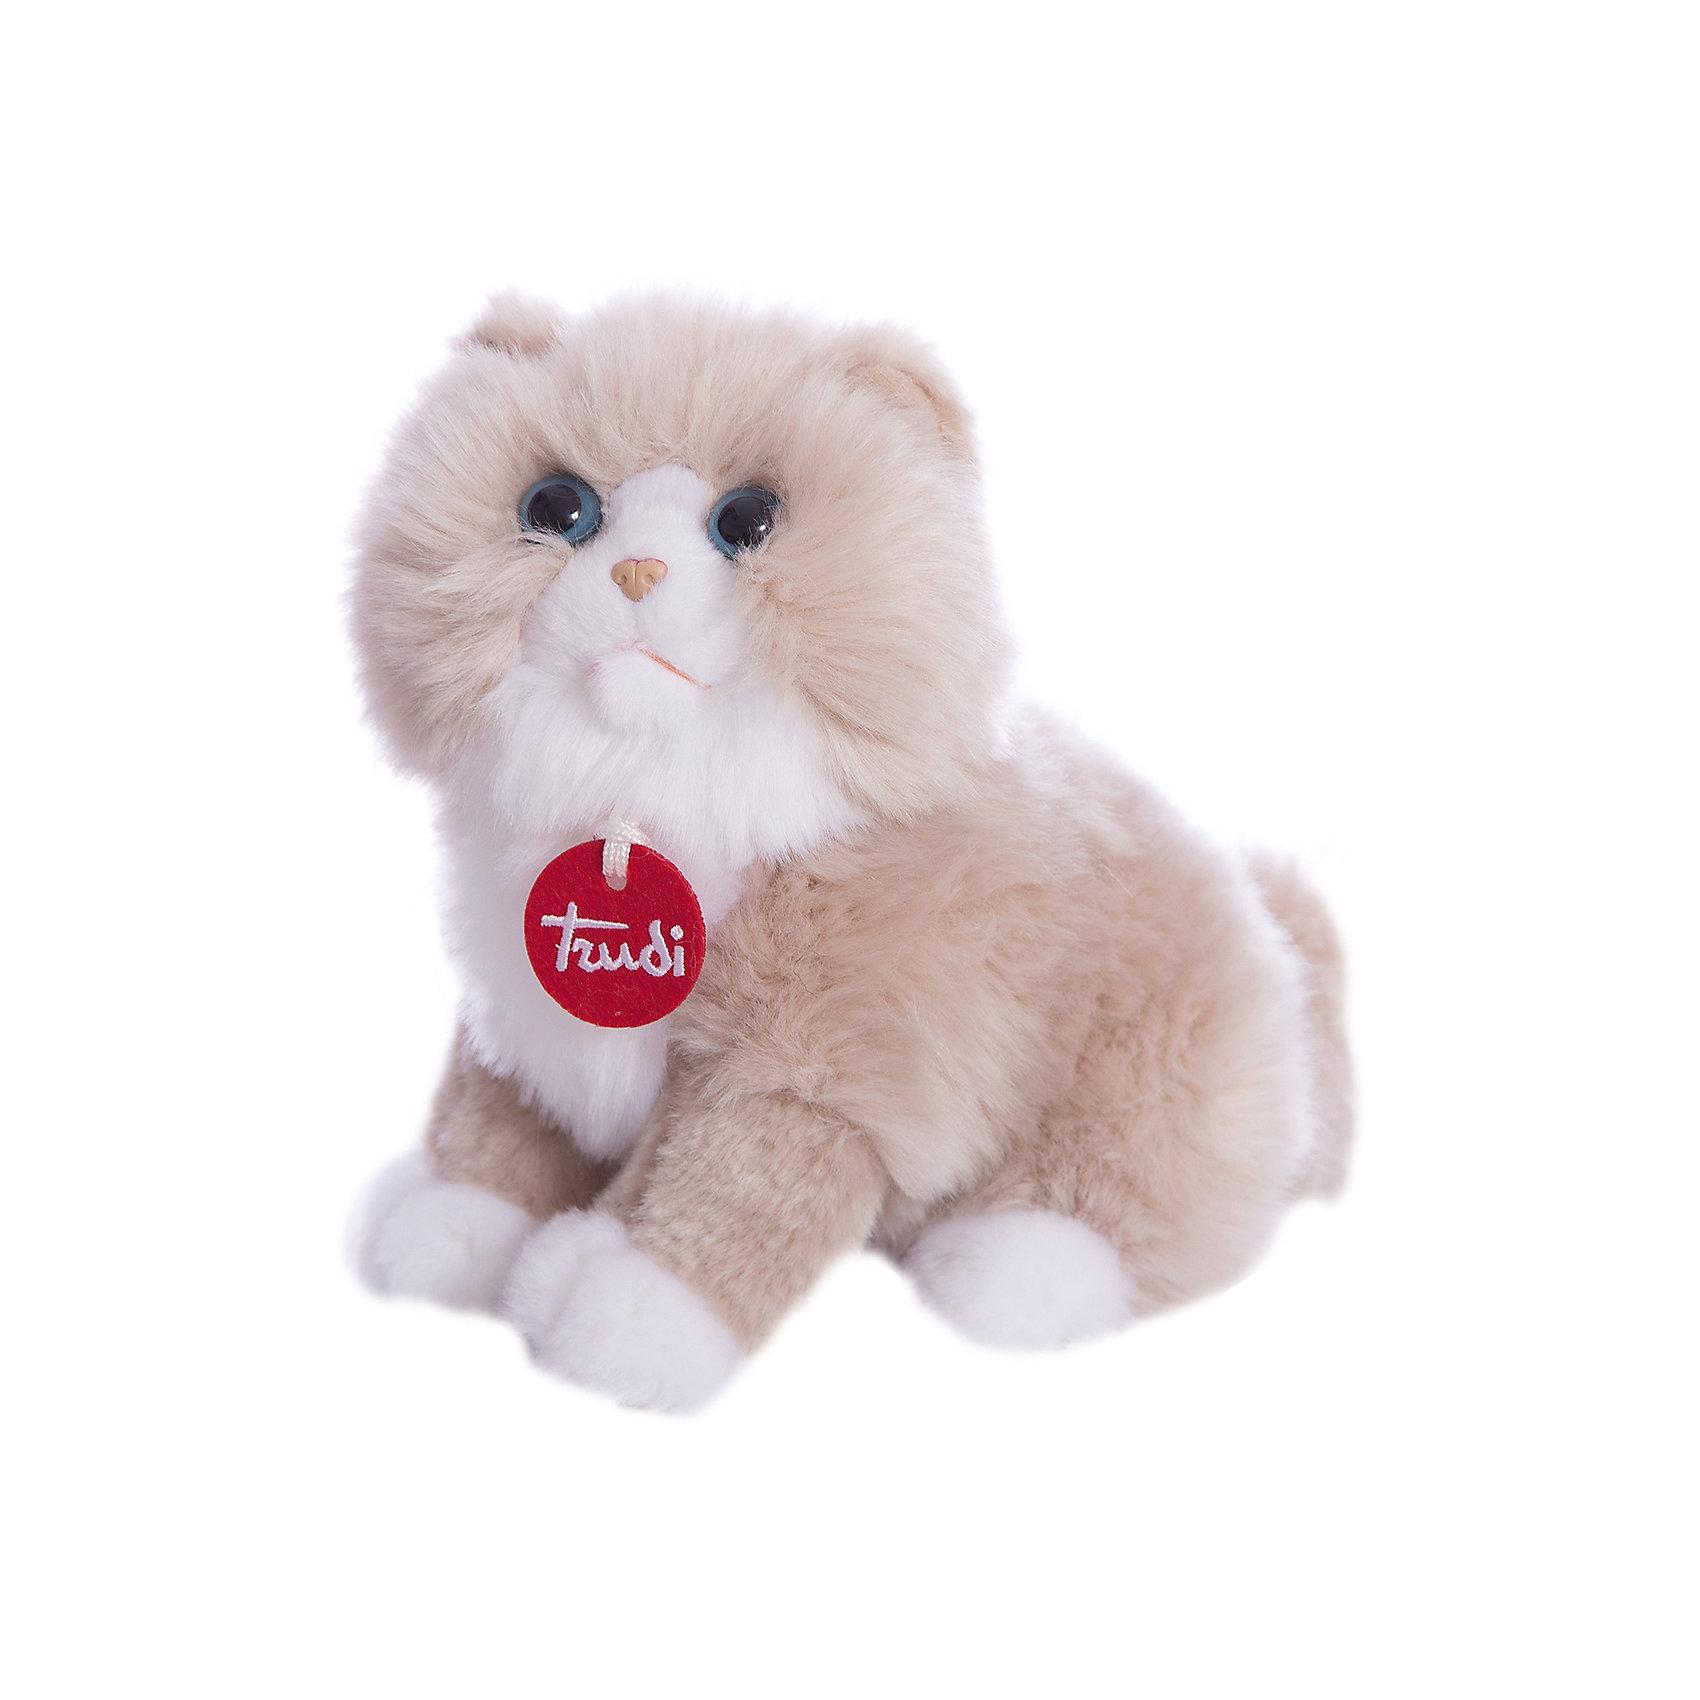 Персидская кошка, 23 см, TrudiКошки и собаки<br>Очаровательная персидская кошка, Trudi станет лучшим другом малыша. Игрушка изготовлена из качественных материалов, безопасных для ребенка. Кошка сидит и улыбается в ожидании веселой игры. Милая персидская кошка отлично дополнит интерьер детской комнаты и поможет развить мелкую моторику и тактильные навыки крохи.<br><br>Дополнительная информация:<br>Материал: текстиль, пластик<br>Размер: 23 см<br><br>Вы можете приобрести персидскую кошку, Trudi в нашем интернет-магазине.<br><br>Ширина мм: 228<br>Глубина мм: 167<br>Высота мм: 121<br>Вес г: 123<br>Возраст от месяцев: 12<br>Возраст до месяцев: 60<br>Пол: Унисекс<br>Возраст: Детский<br>SKU: 4601416